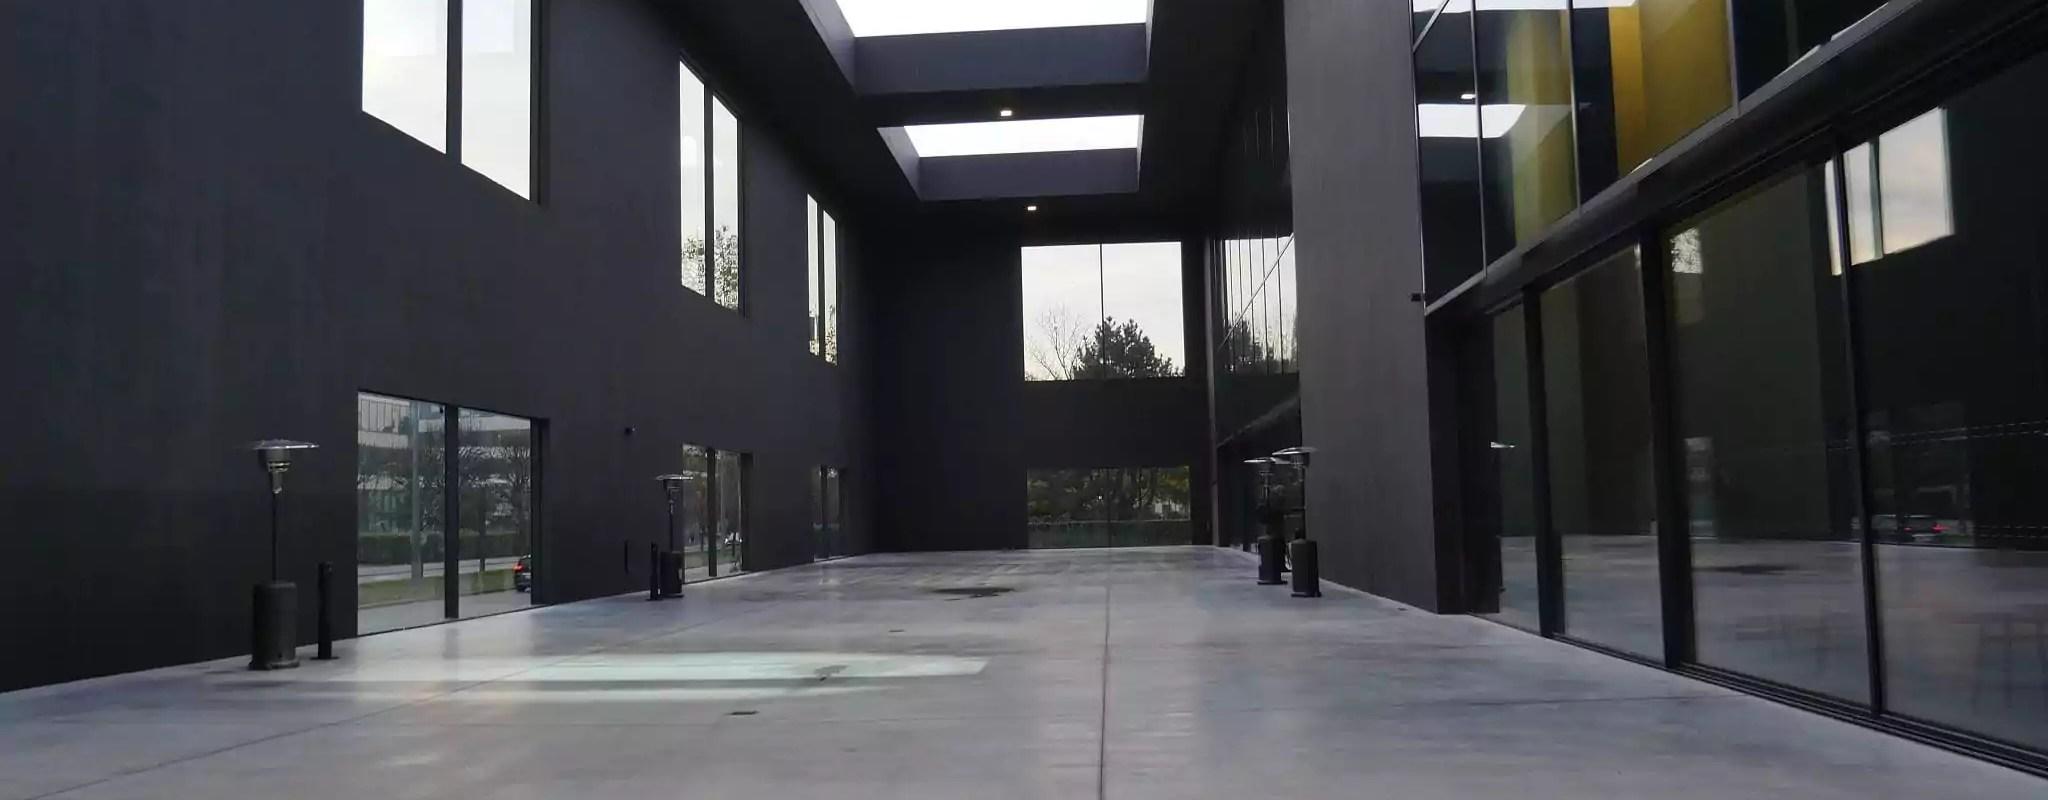 Le Maillon quitte ses murs et attend son nouveau théâtre à 30 millions d'euros